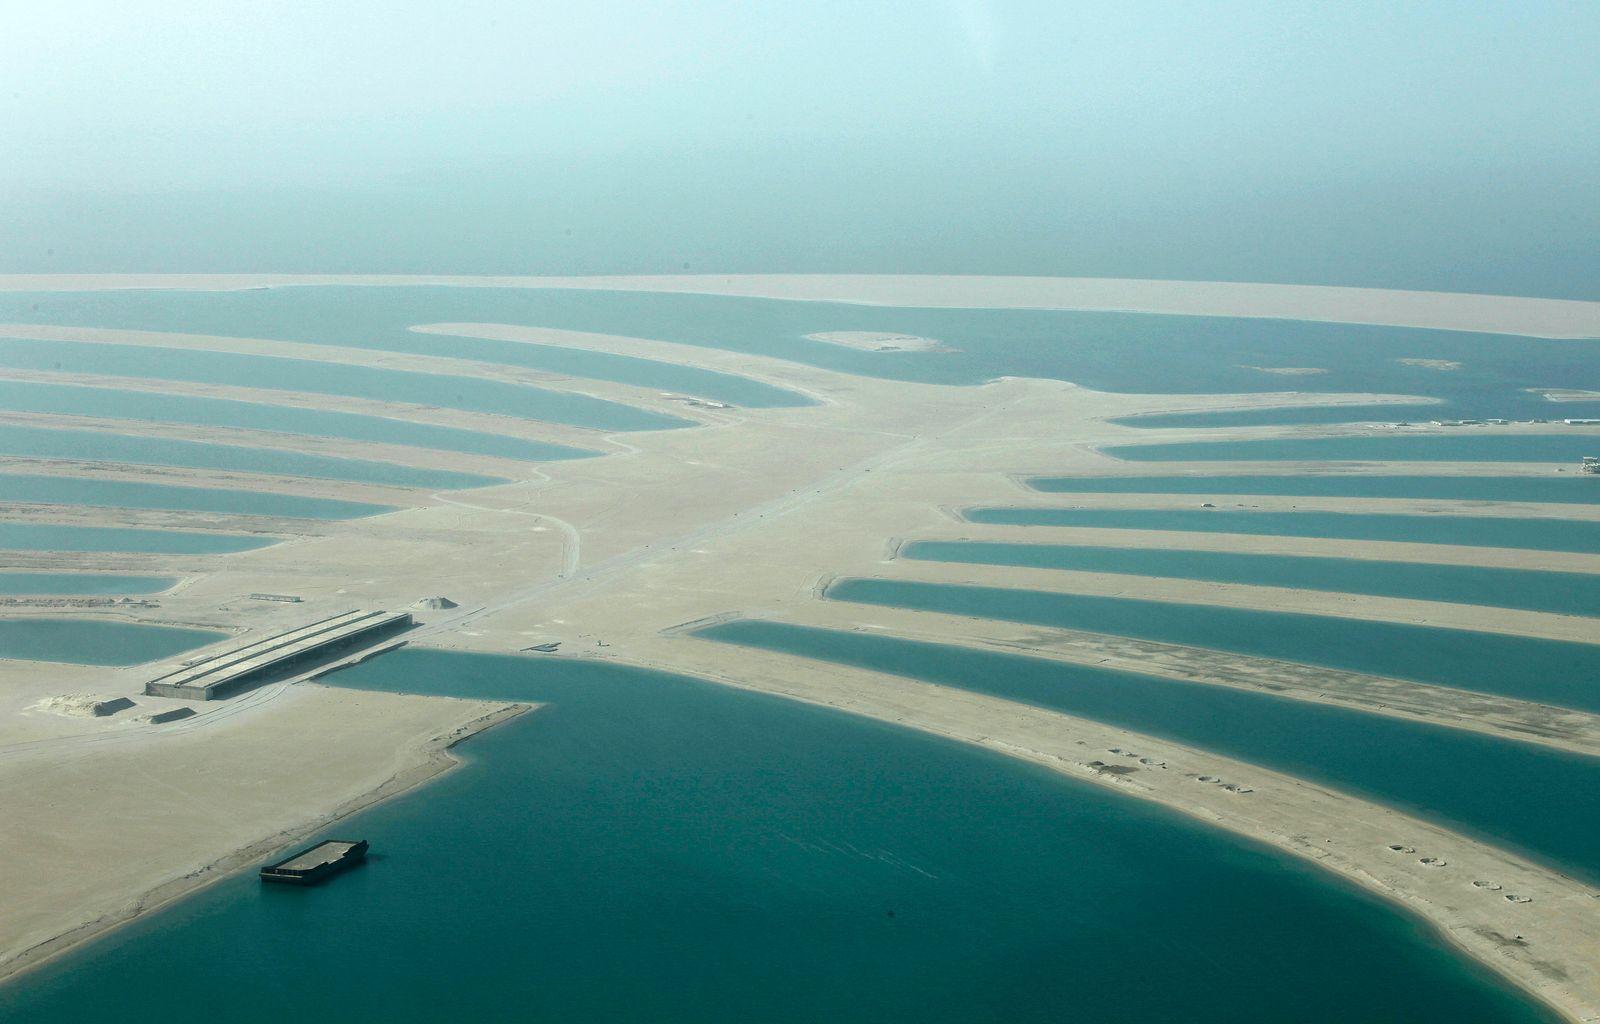 Dubai / Palm Jebel Ali